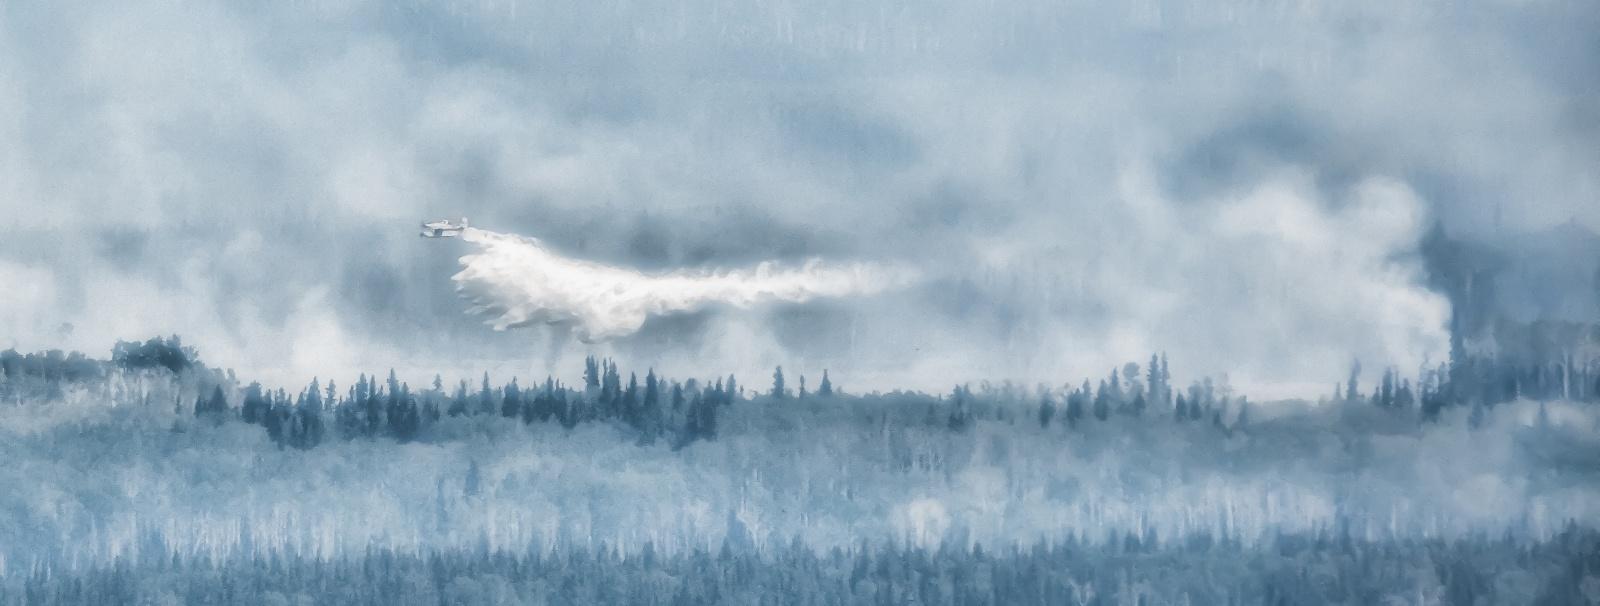 Wildfire_-_Hutch_Lake_Alberta_Canada_-_17